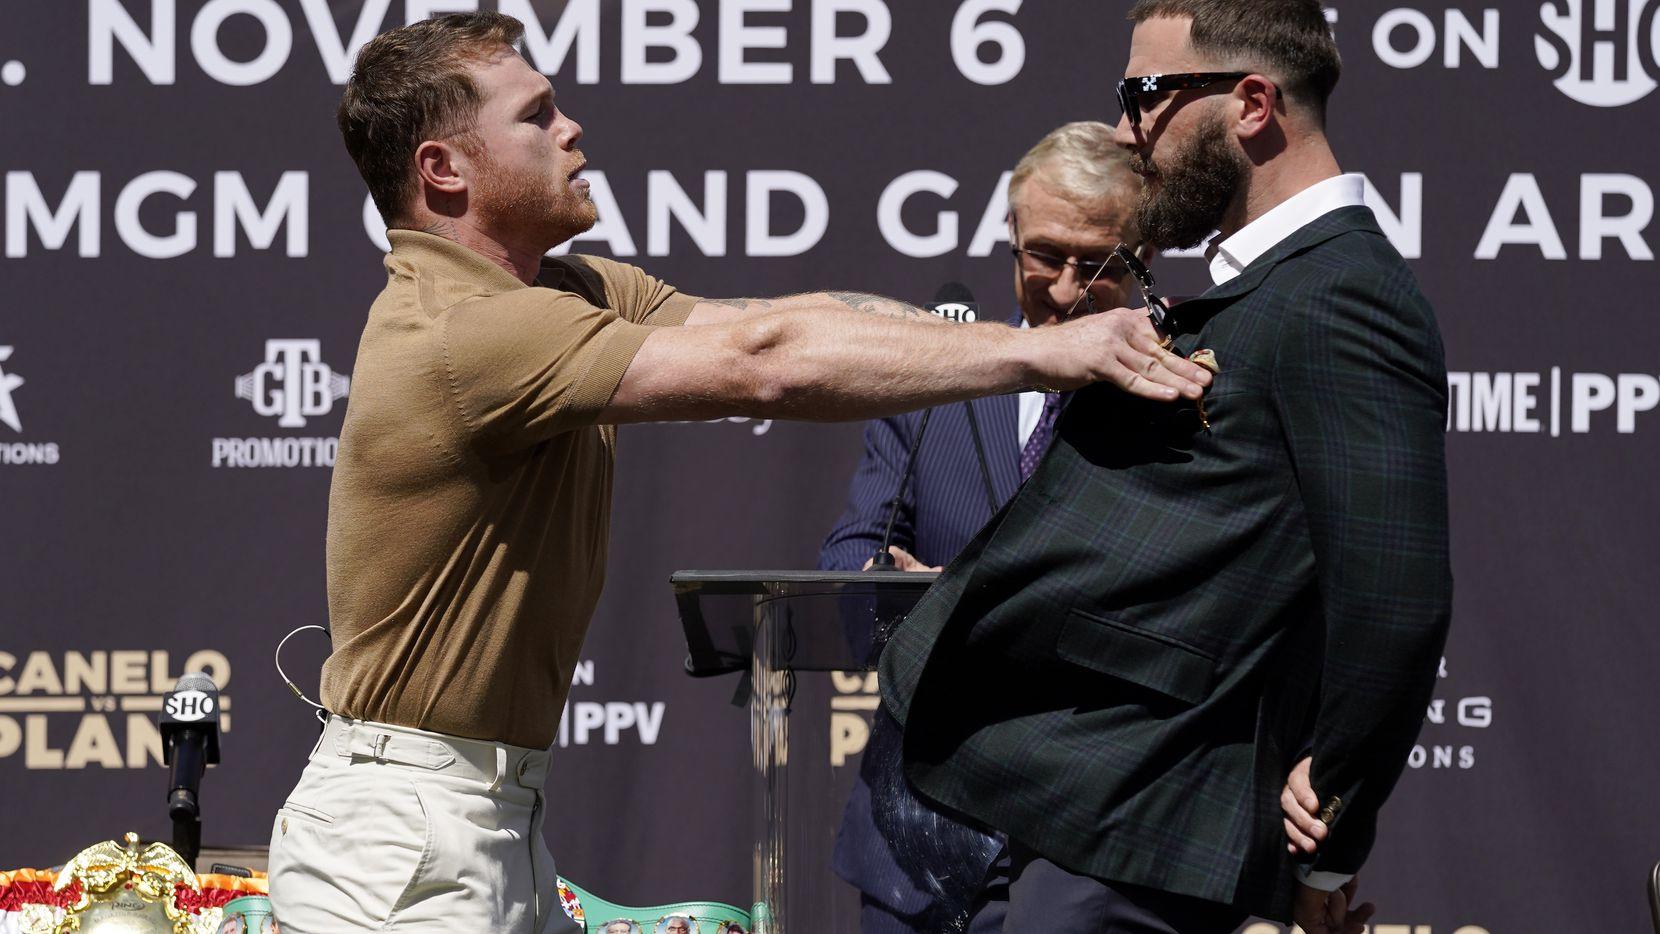 """Plant y """"Canelo"""" Álvarez intercambiaron golpes antes de su pelea de noviembre"""